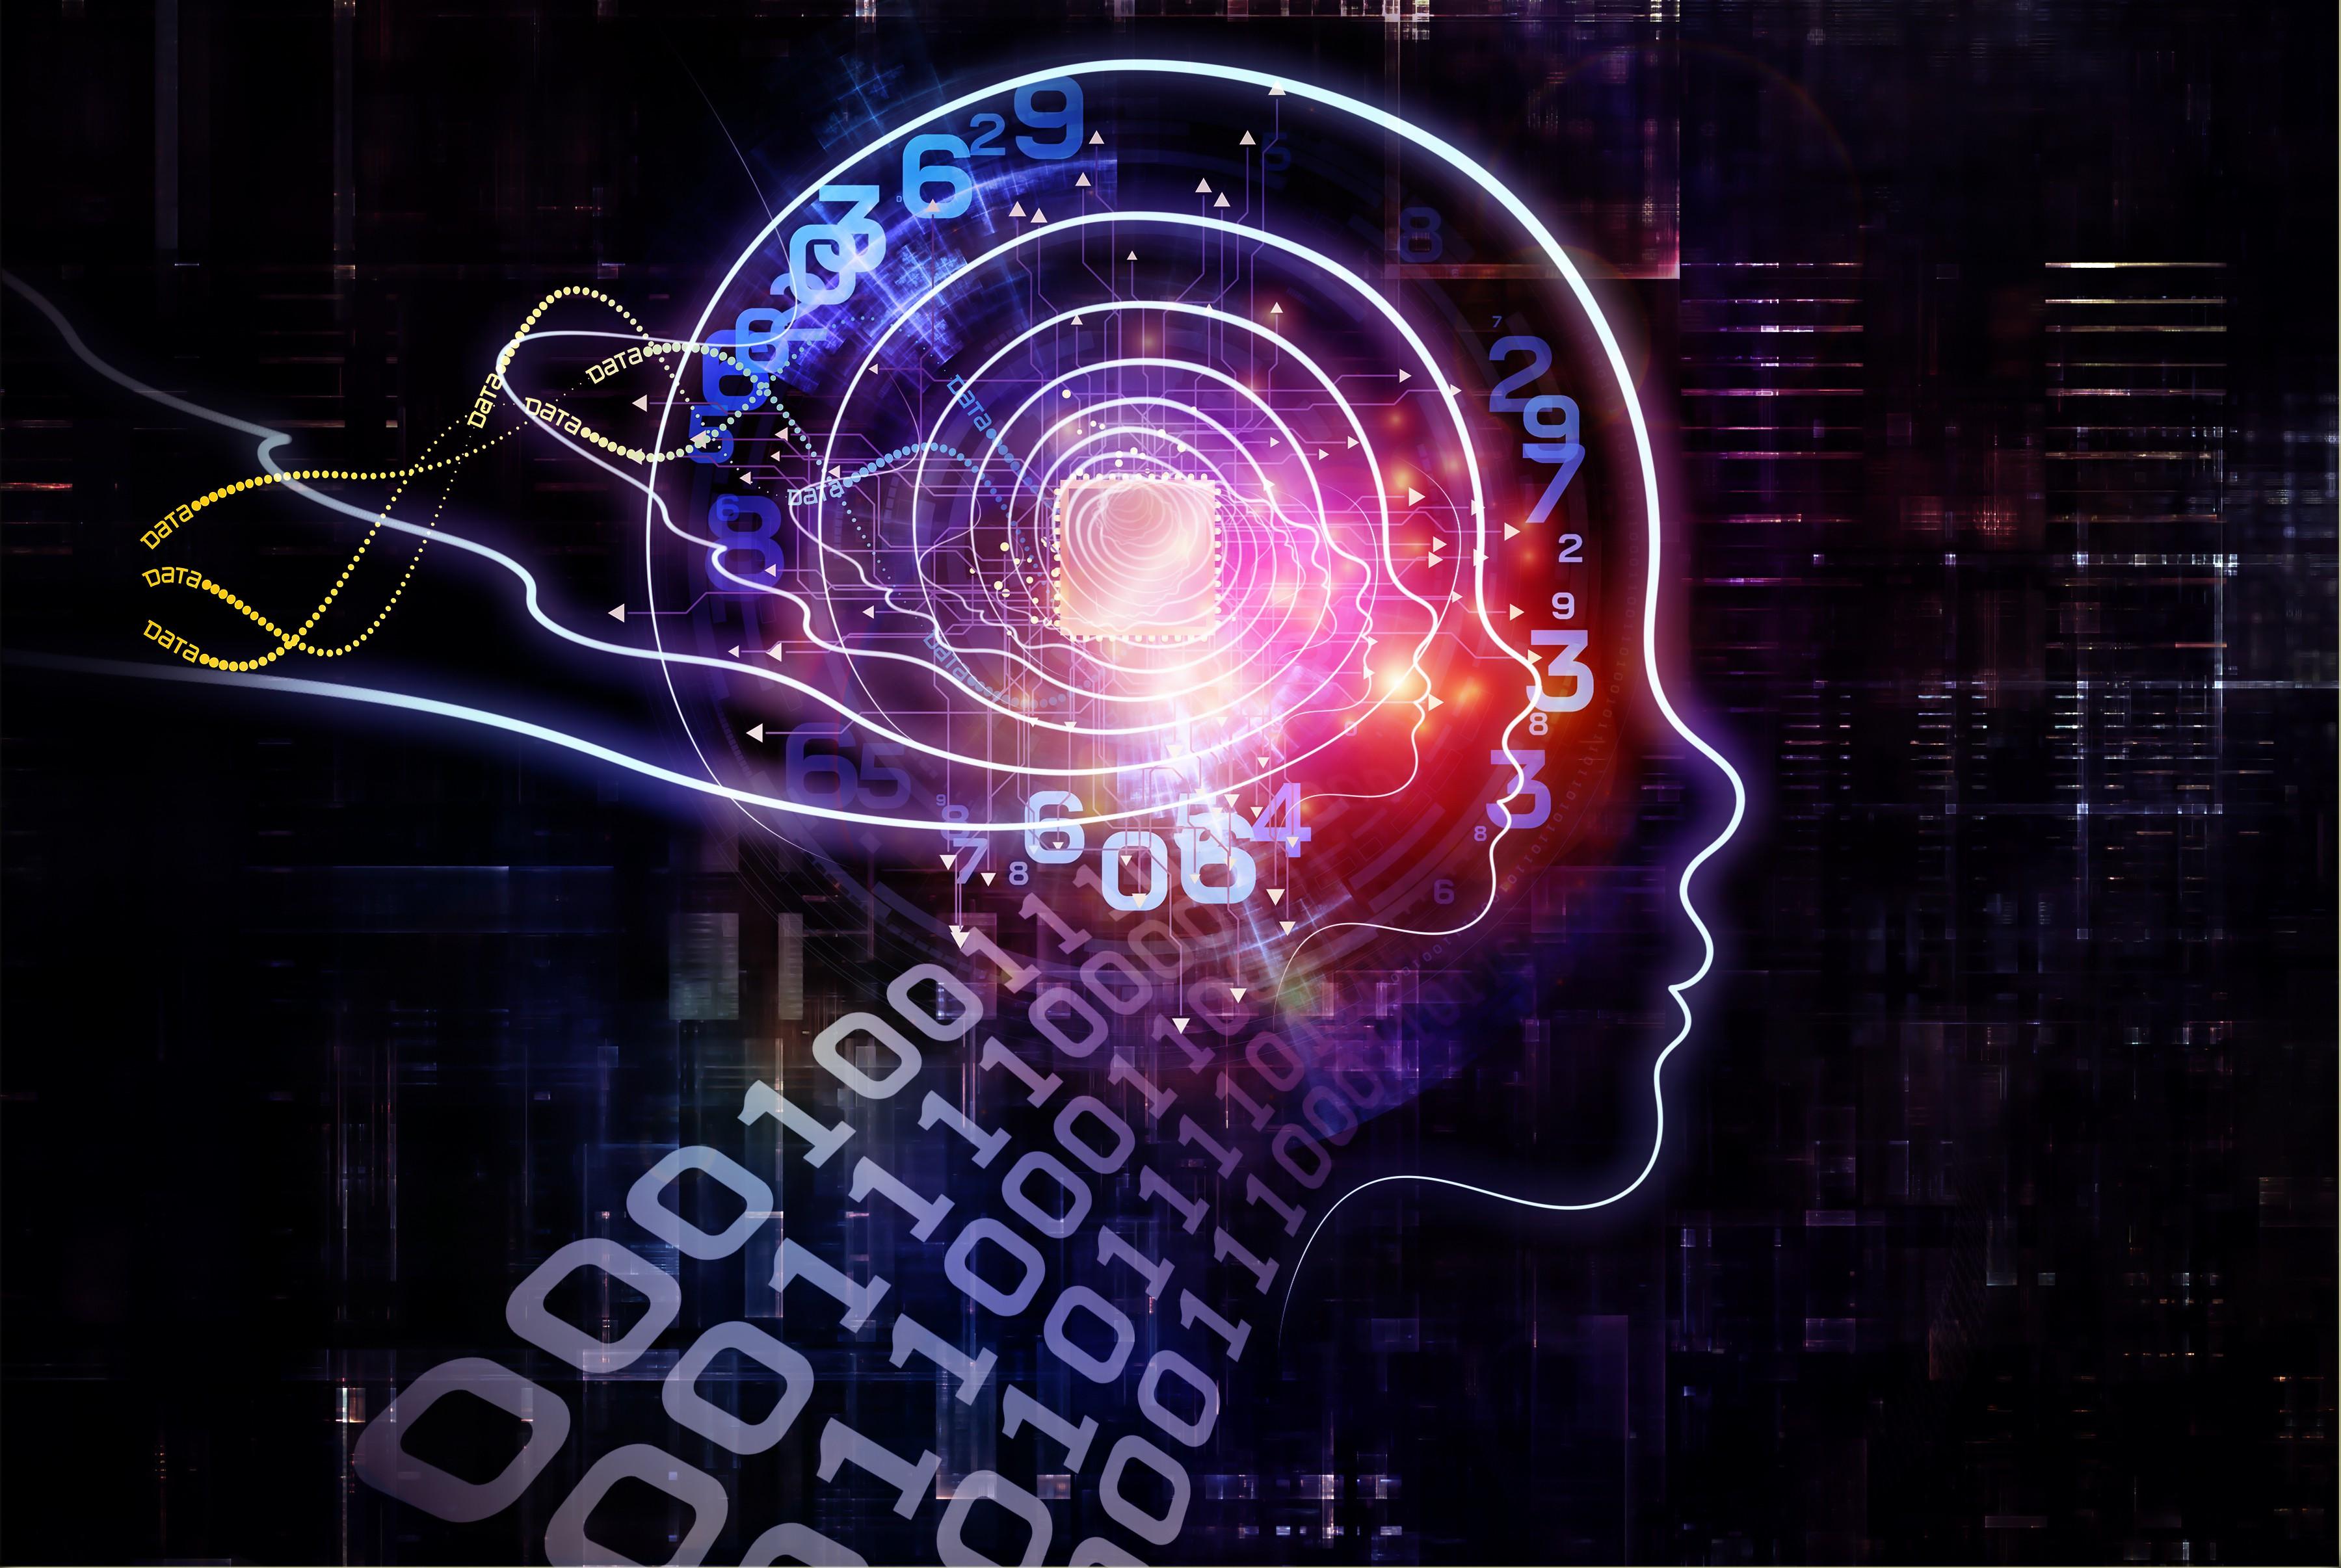 гибкий дисплей искусственный интеллект